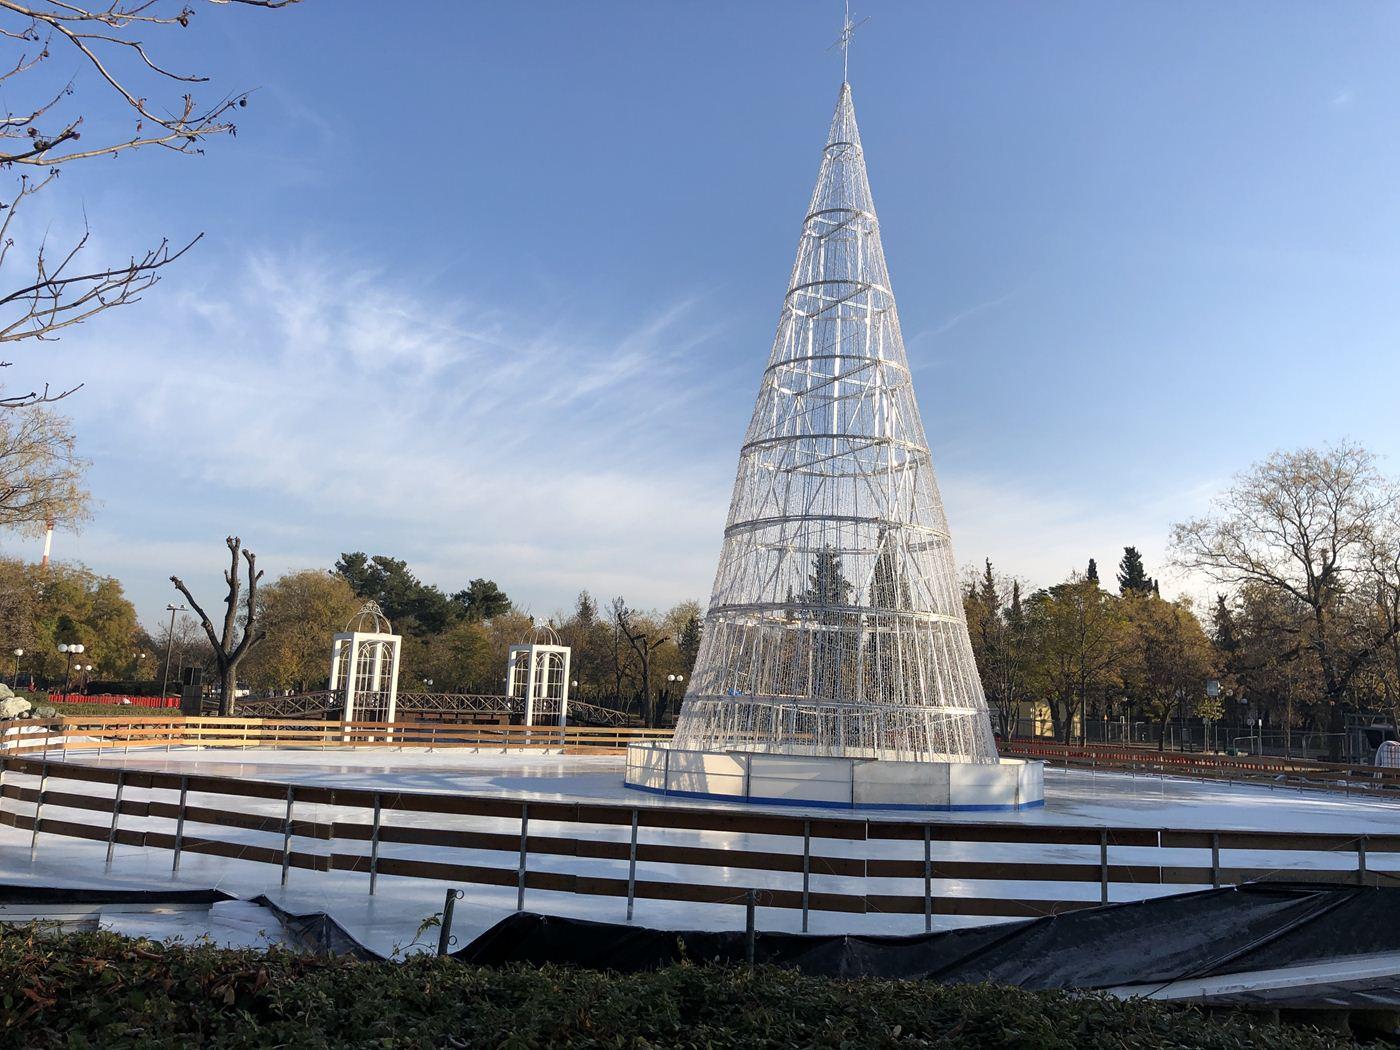 """Αυτό είναι το φετινό """"Πάρκο των Ευχών"""" - Δείτε φωτογραφίες λίγες ώρες πριν τα εγκαίνια"""